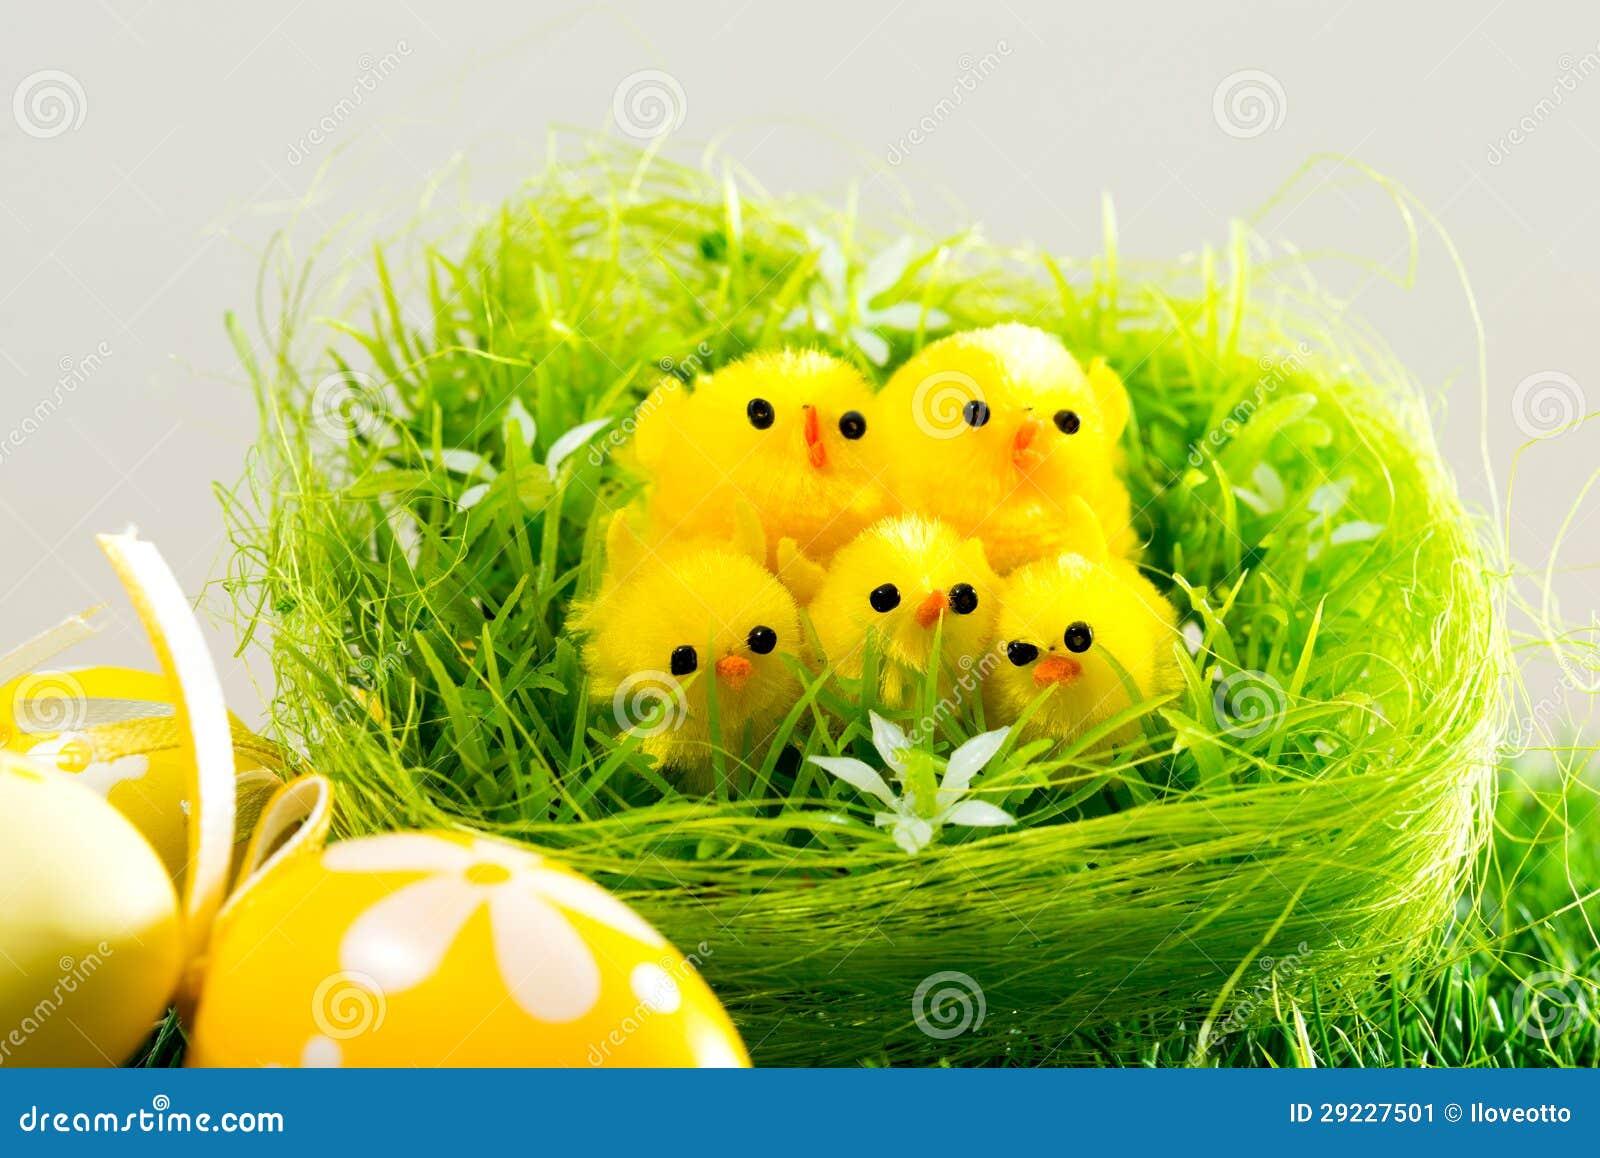 Download Ovos da páscoa e galinhas imagem de stock. Imagem de prado - 29227501